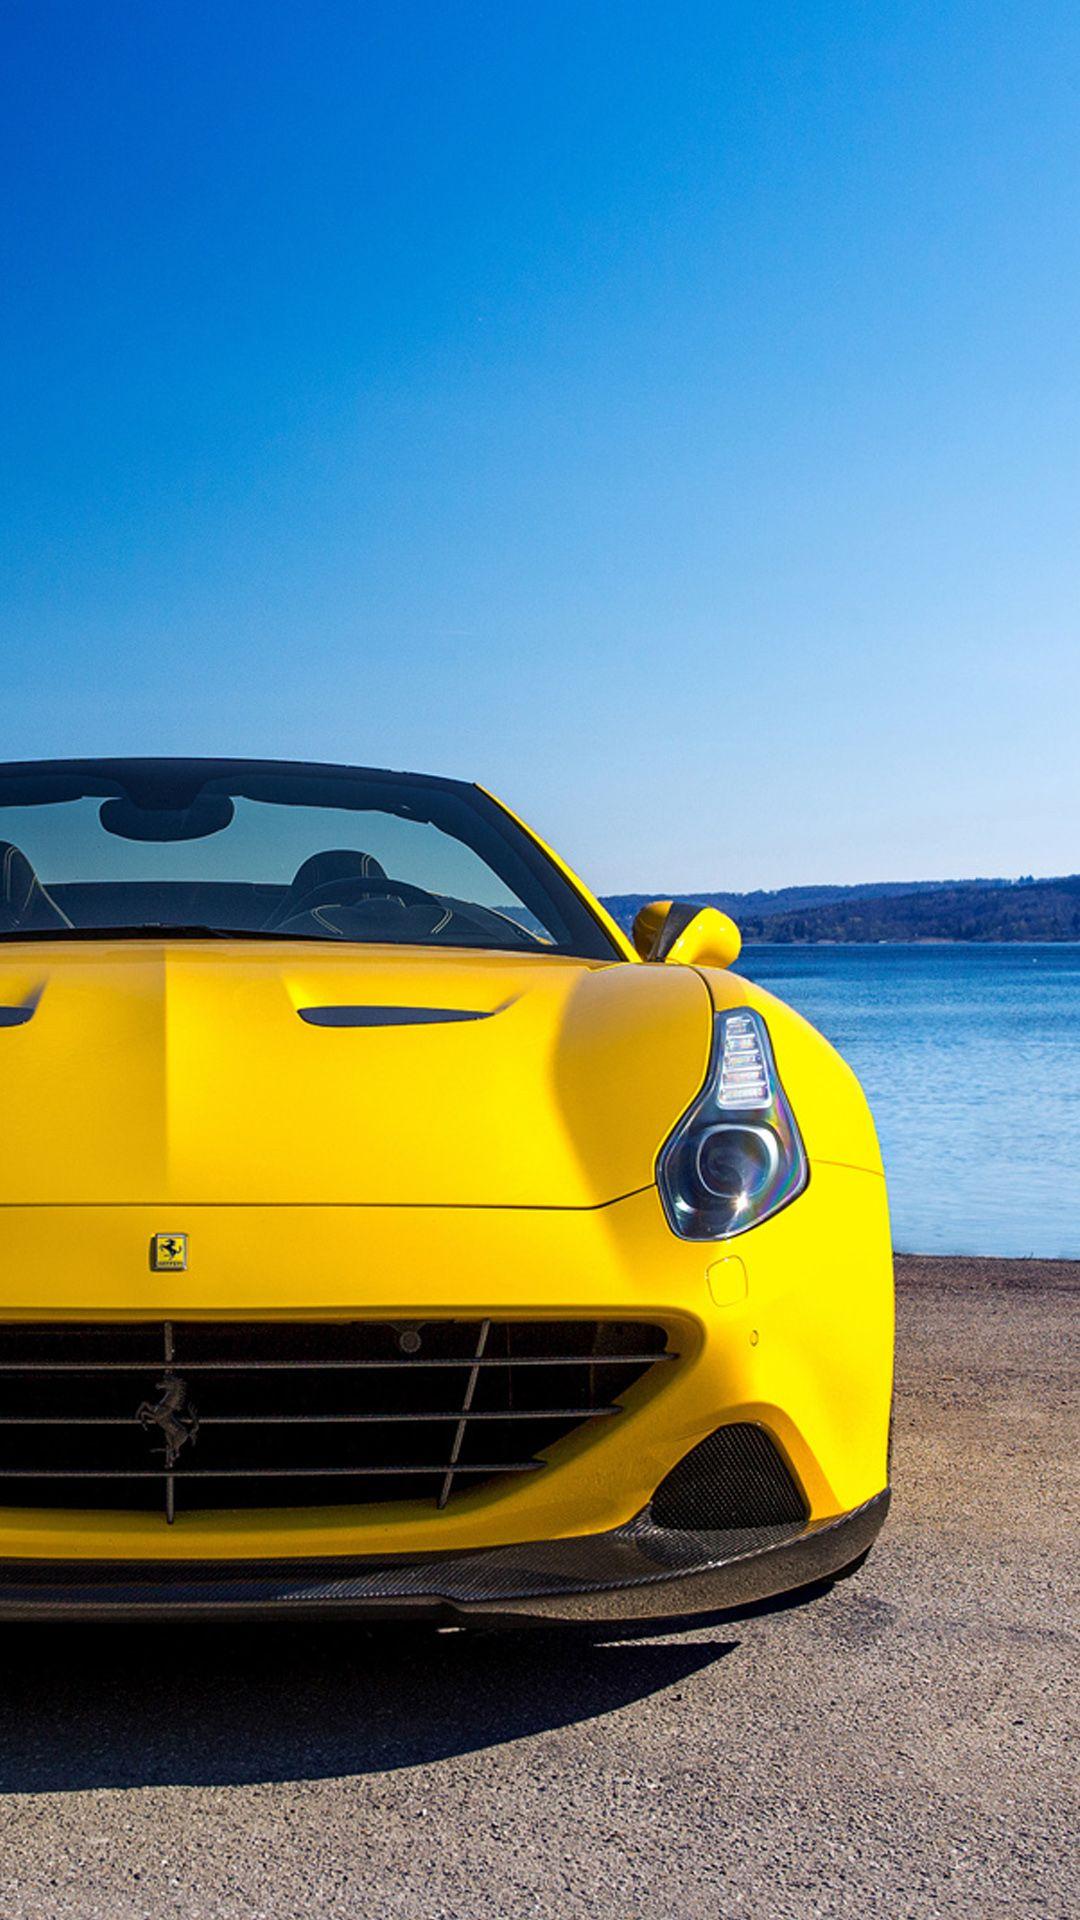 黄色いフェラーリ フェラーリ スポーツカー 壁紙